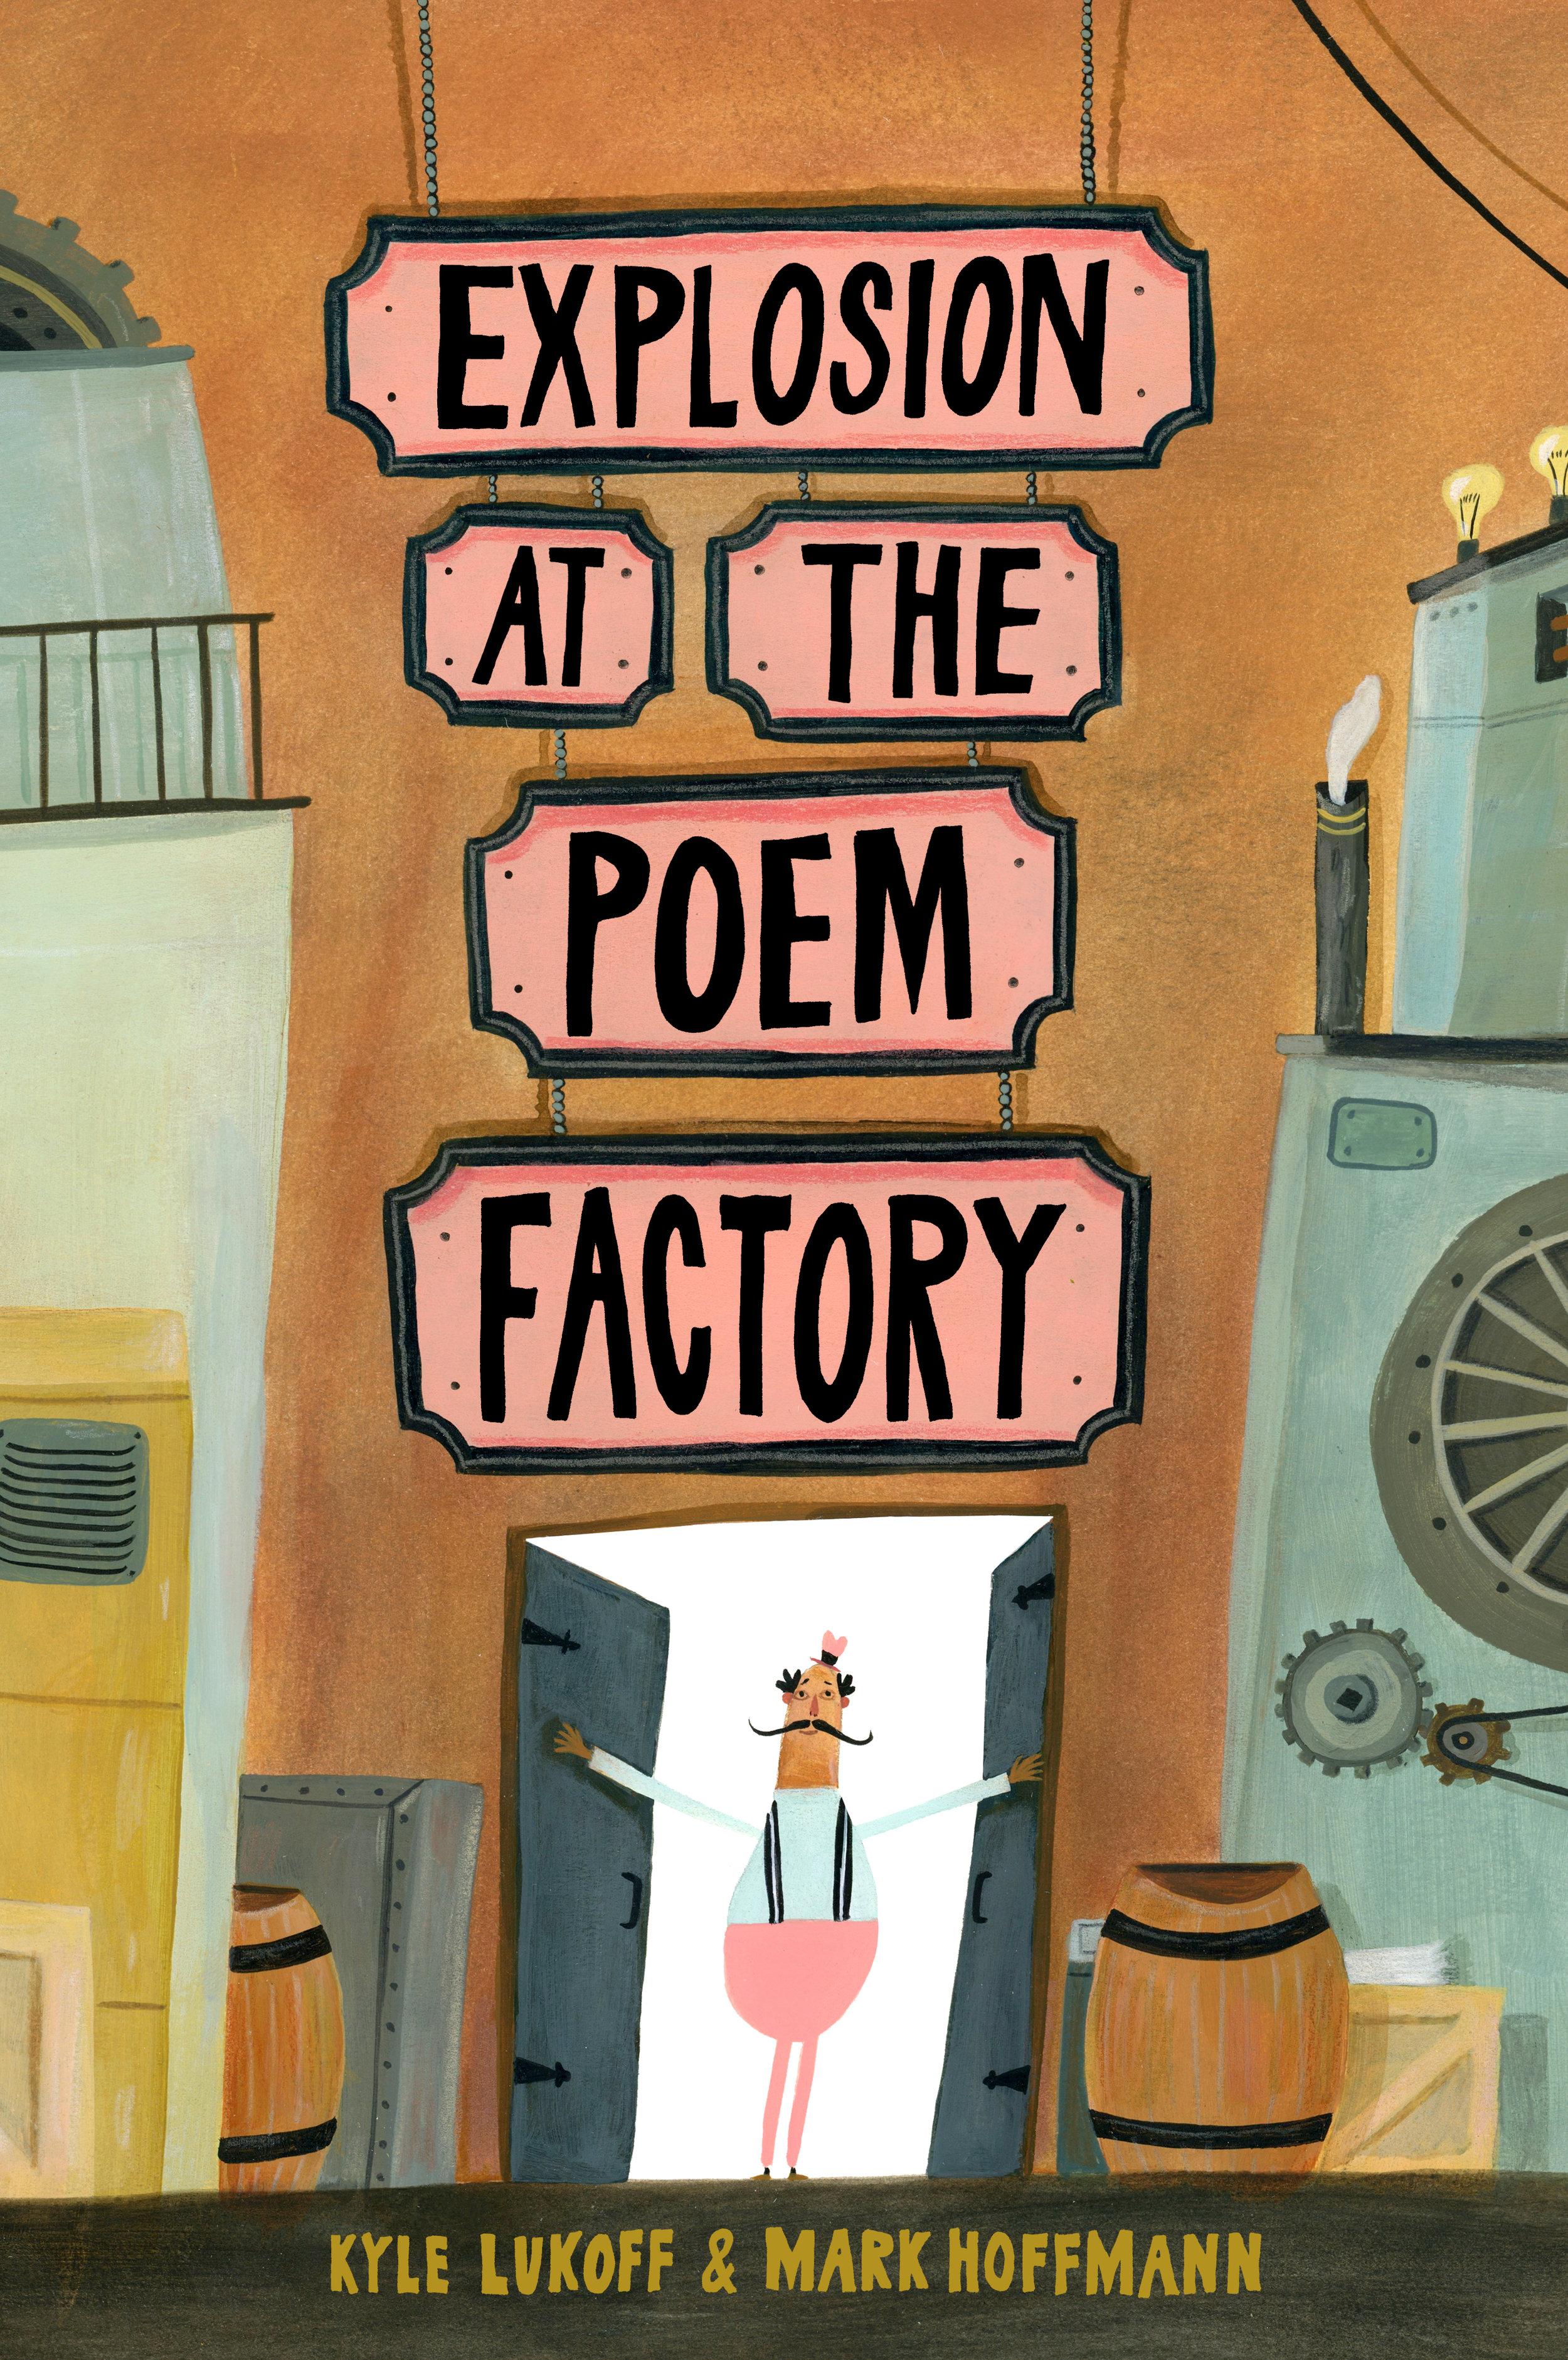 poem_factory.jpg